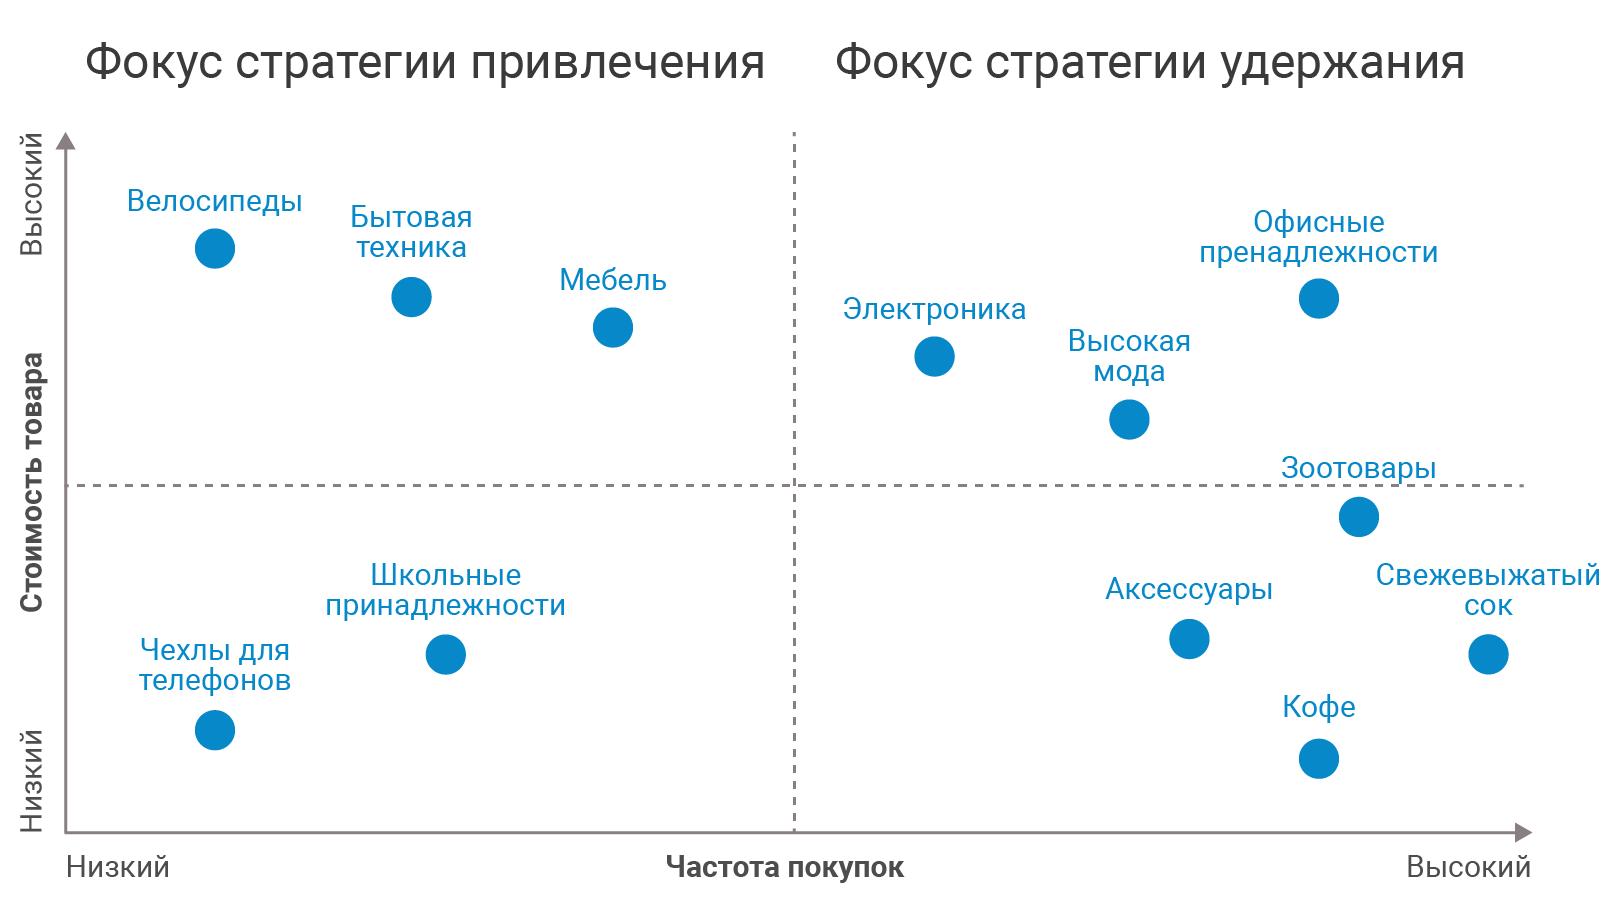 График удержания клиентов